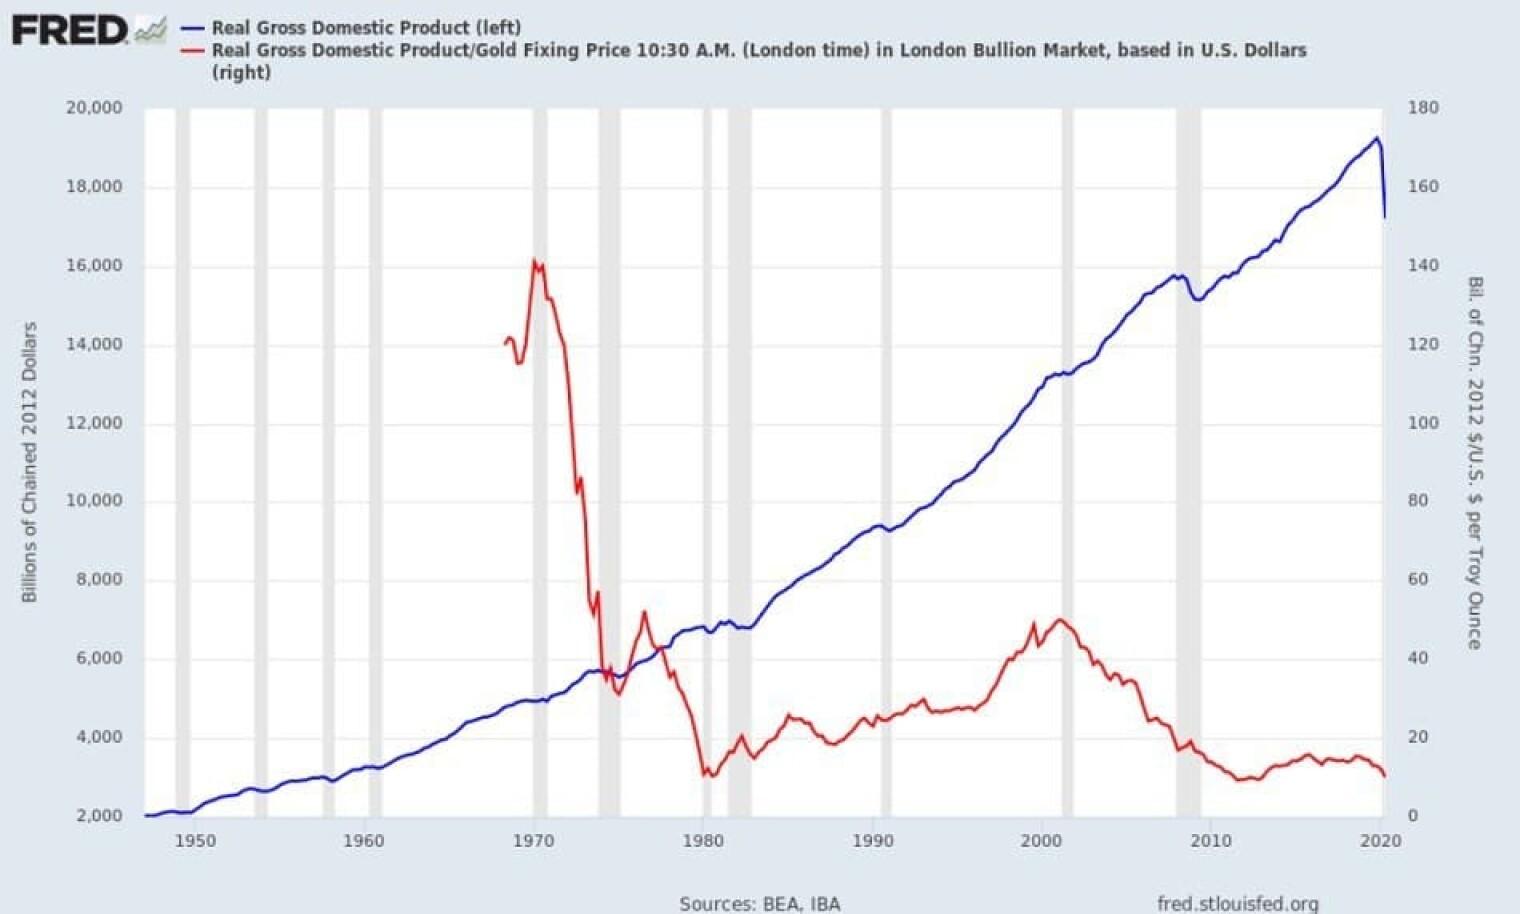 ВВП, измерянный в долларах против ВВВ, измерянного в золоте